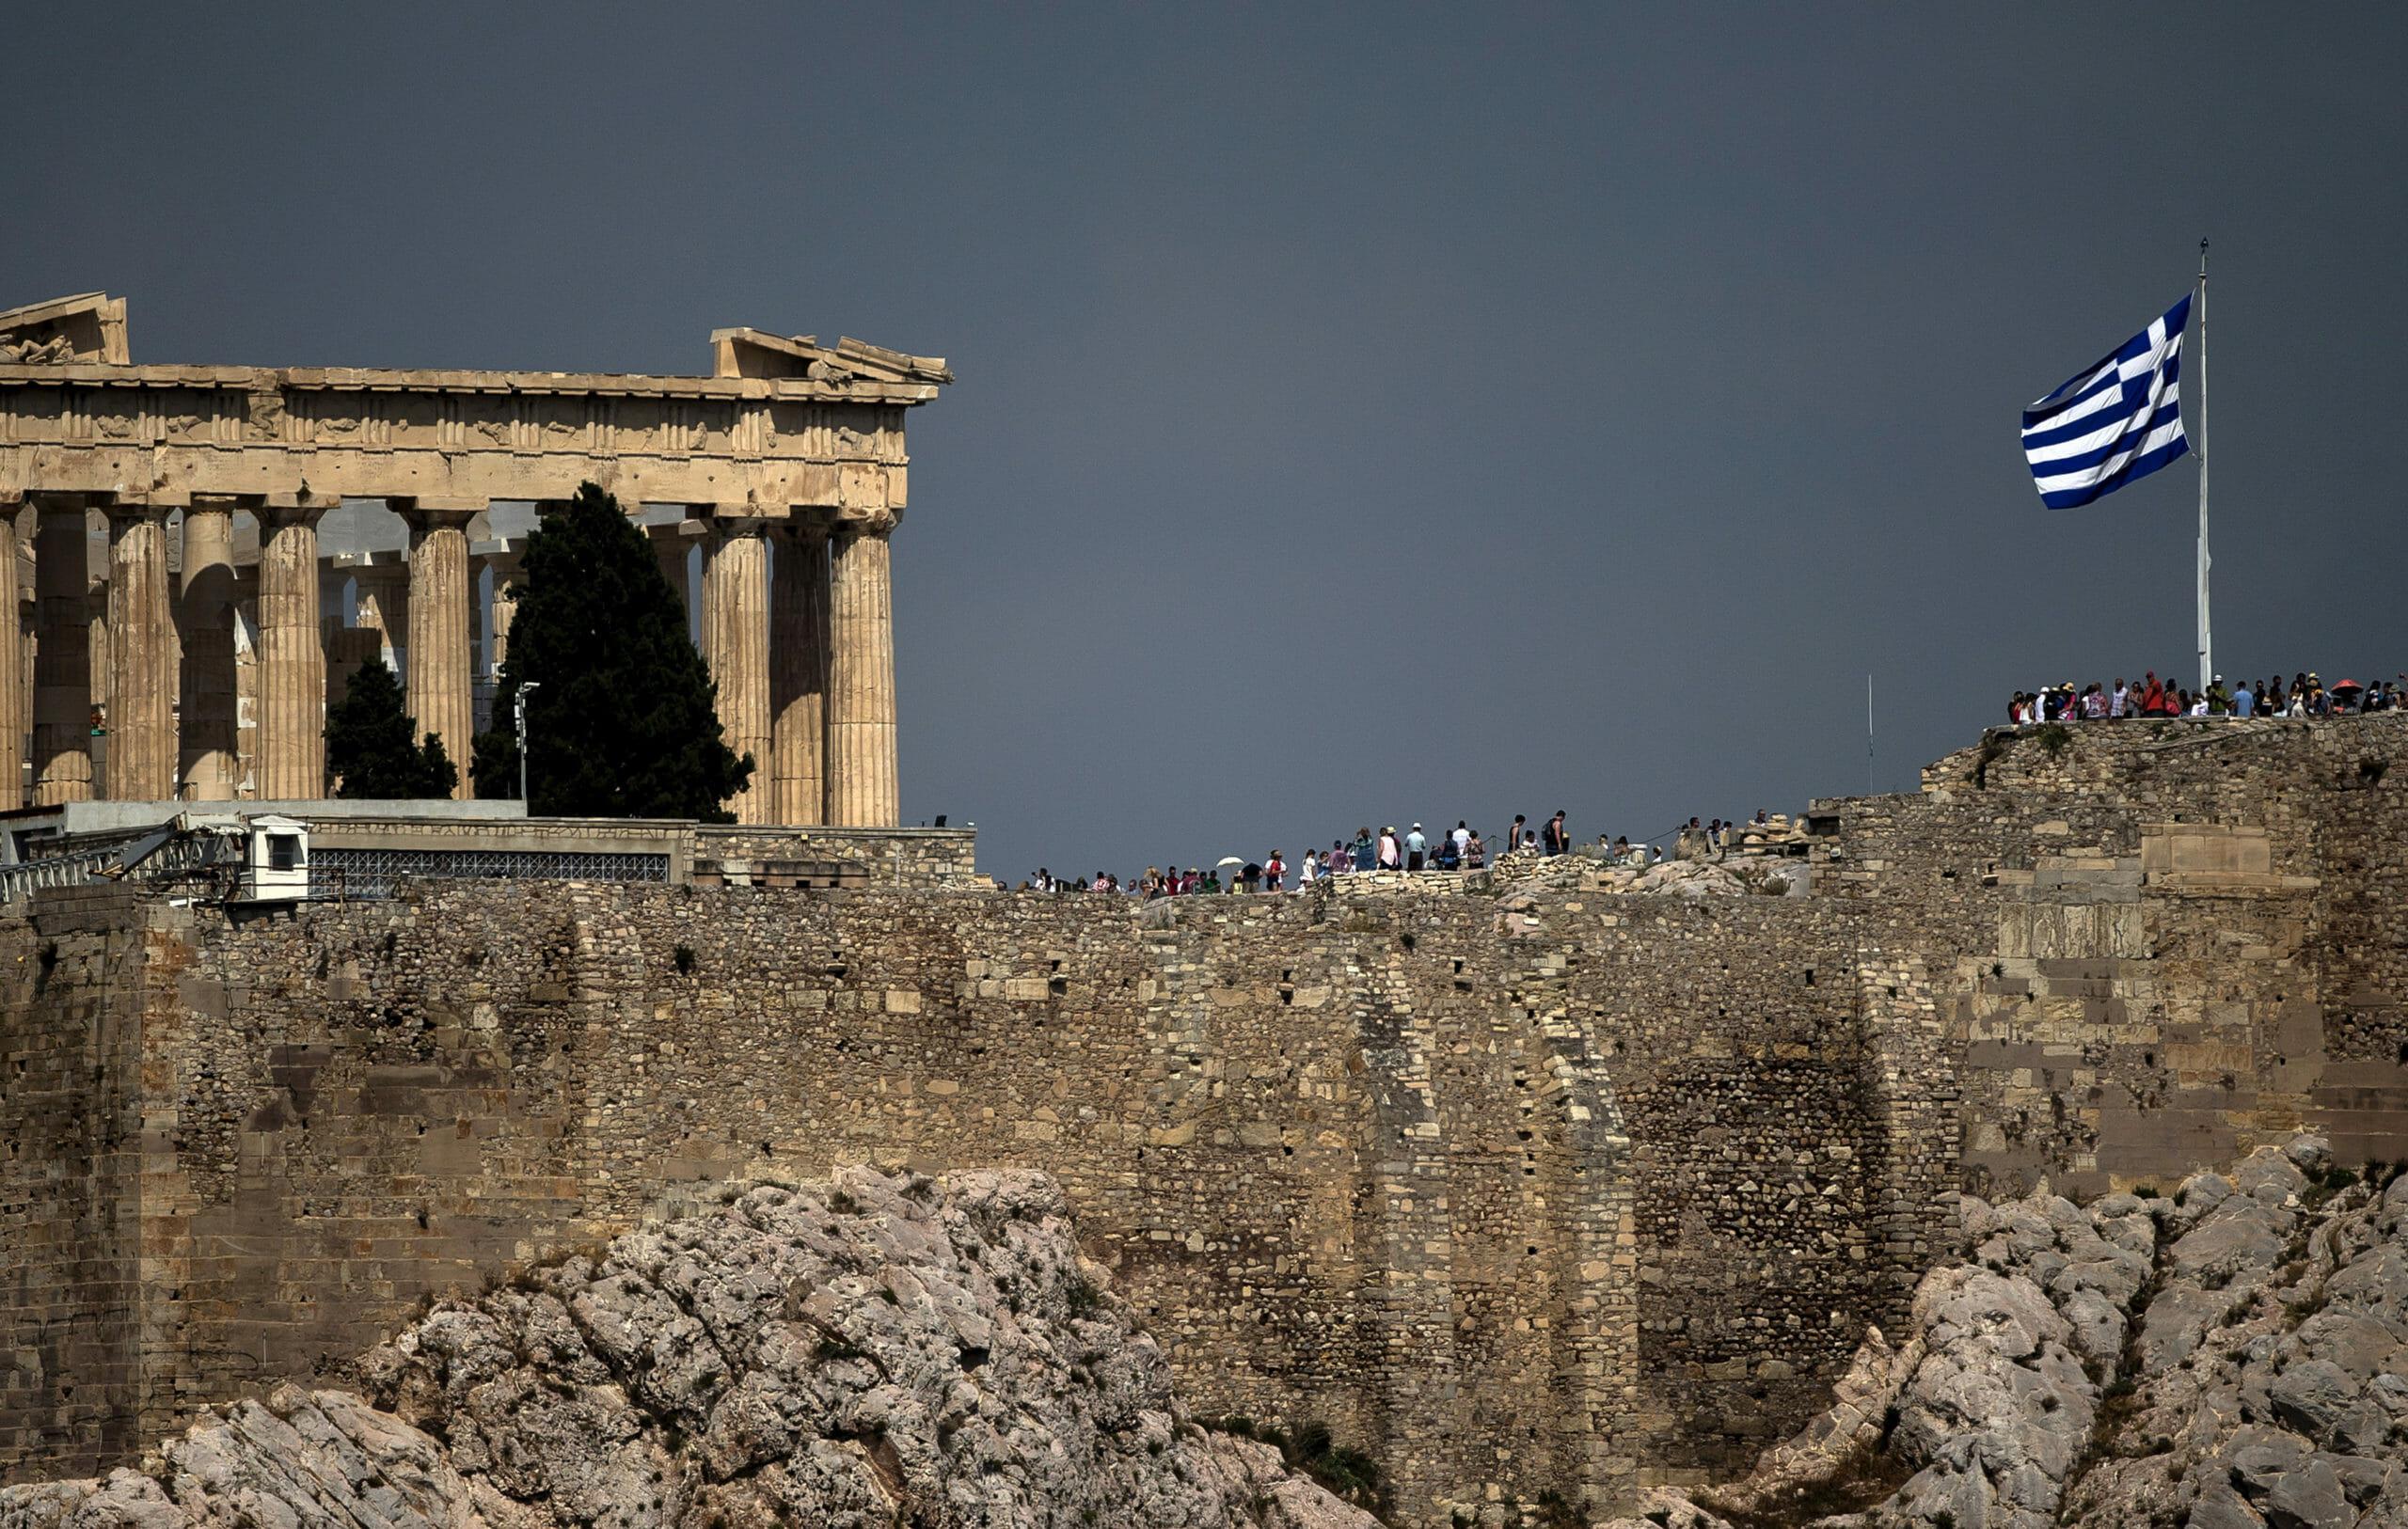 Μία σταγόνα ιστορία: Η διάσημη (και άγνωστη πια) Παναγιά η Αθηνιώτισσα